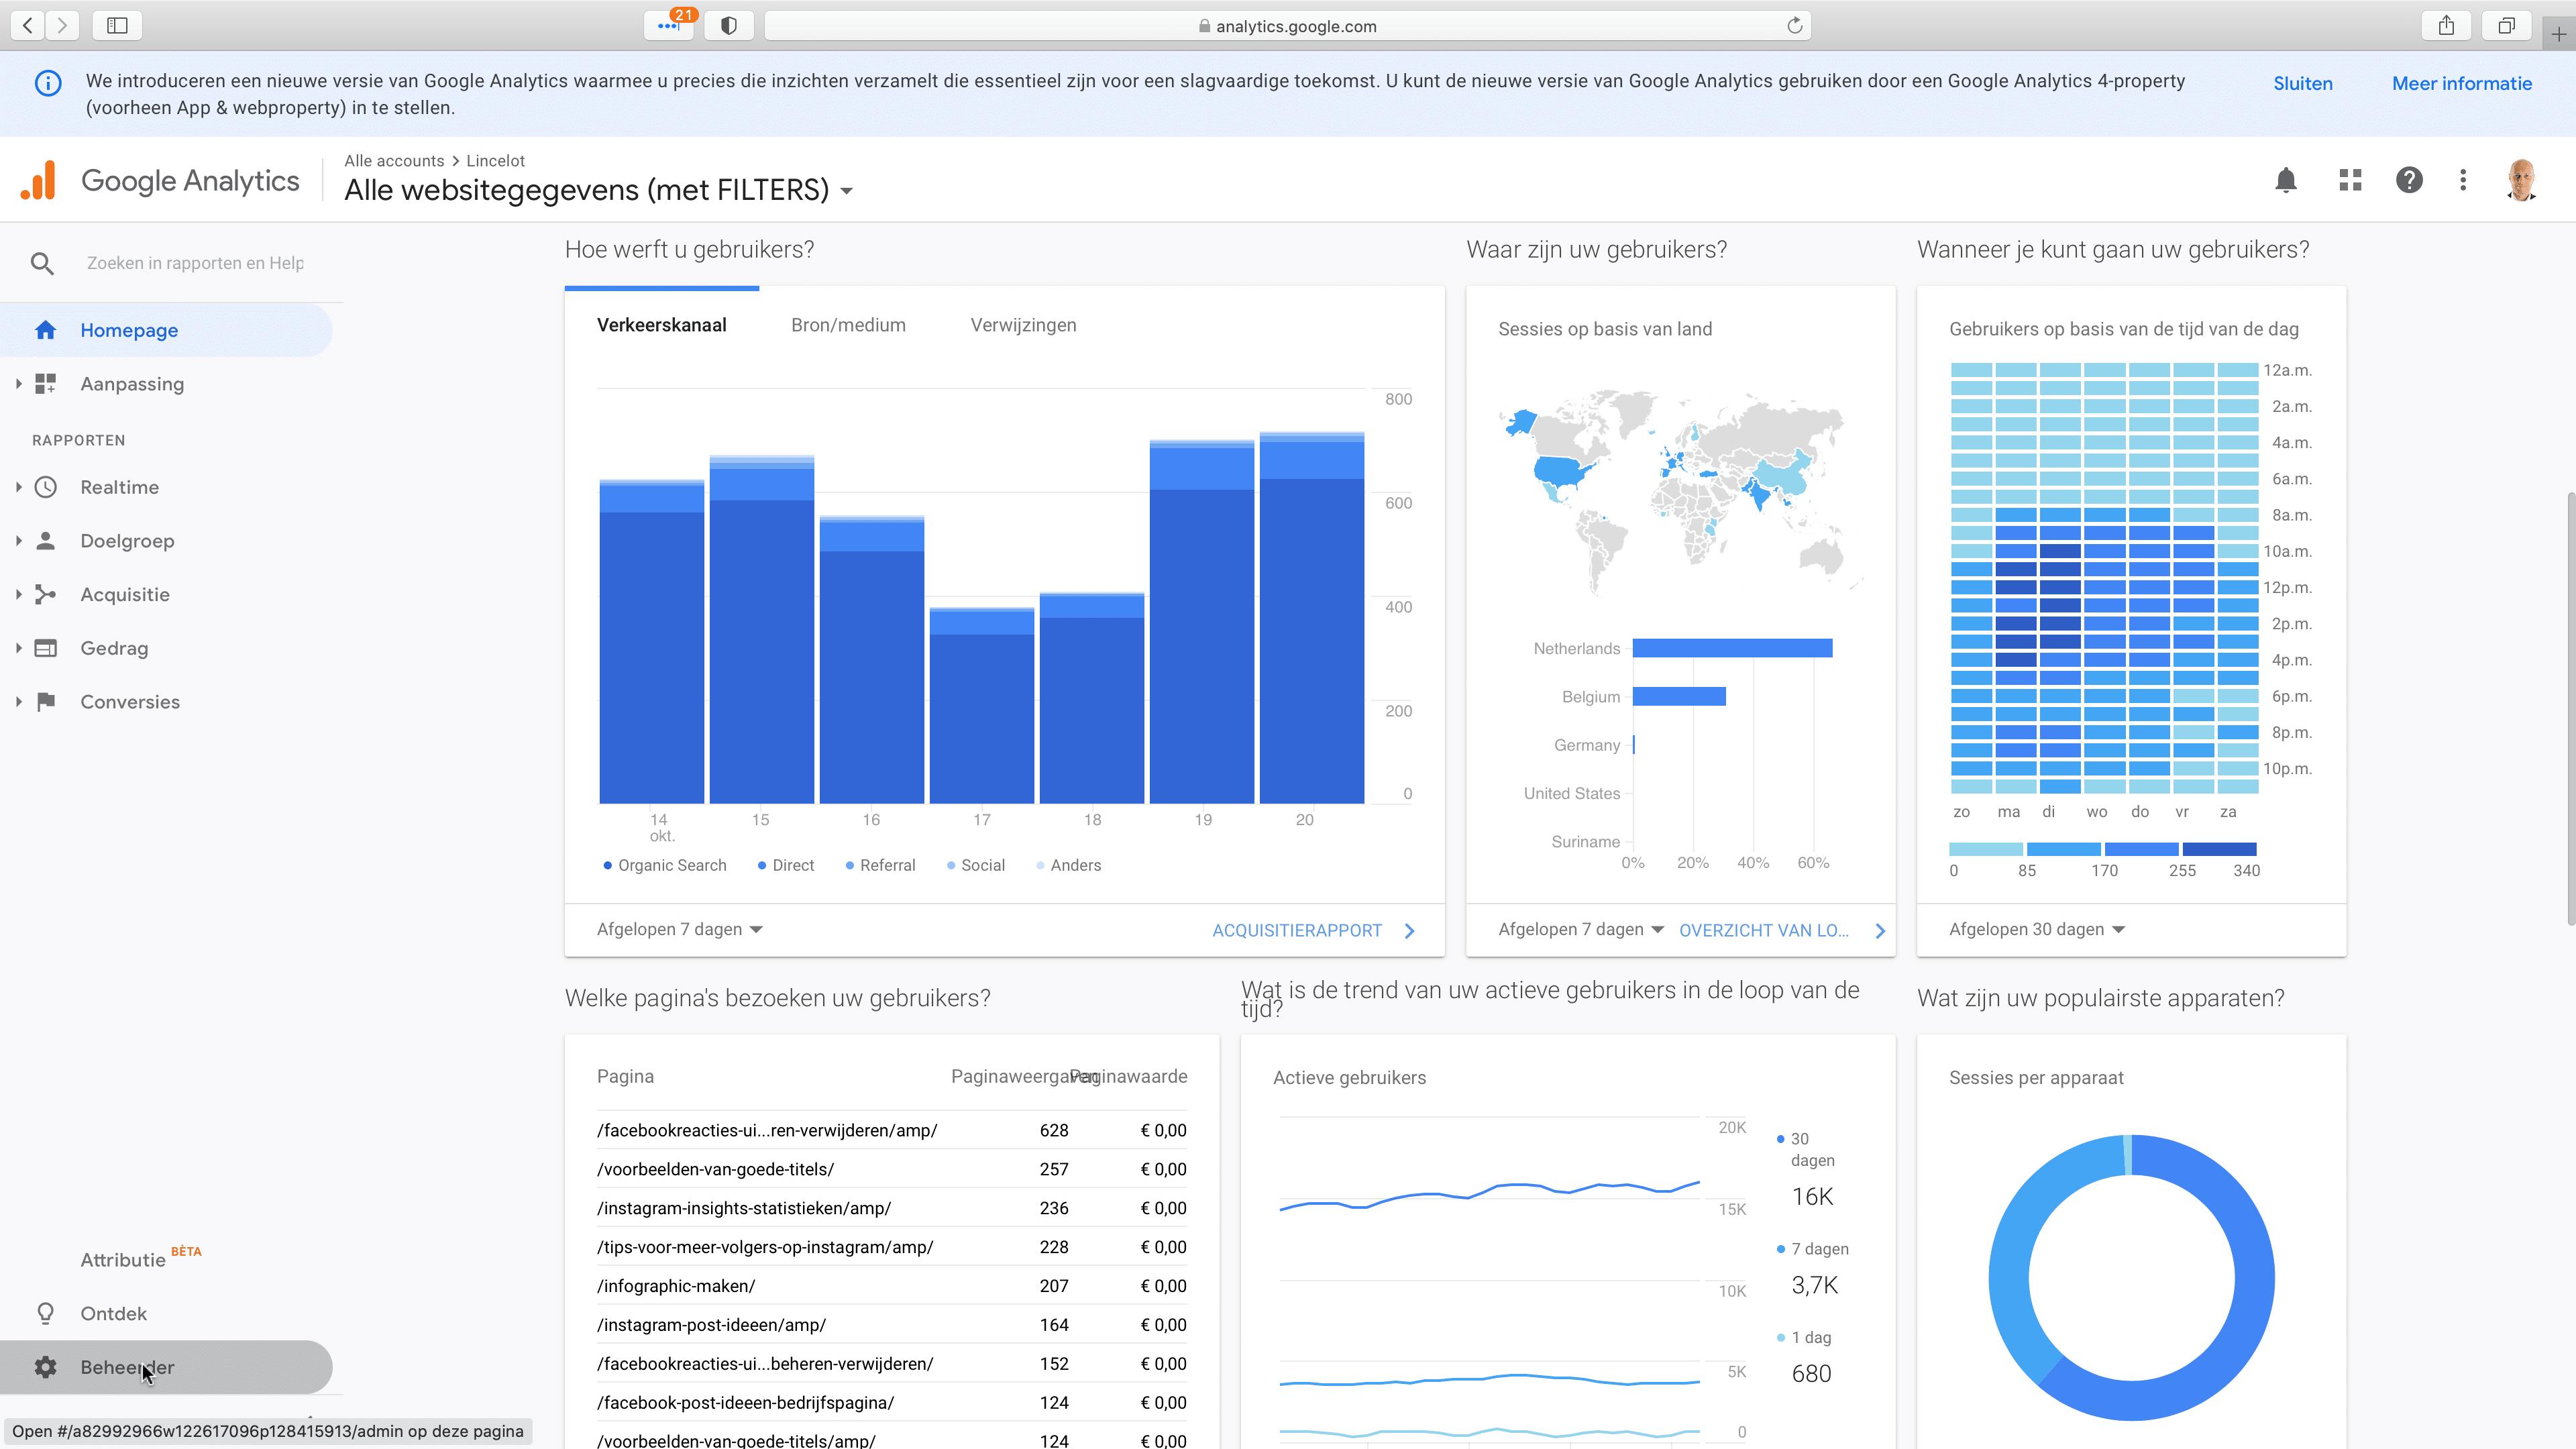 1. Log in op Google Analytics en klik op 'Beheerder'. Deze knop vind je links onderaan. - Lincelot